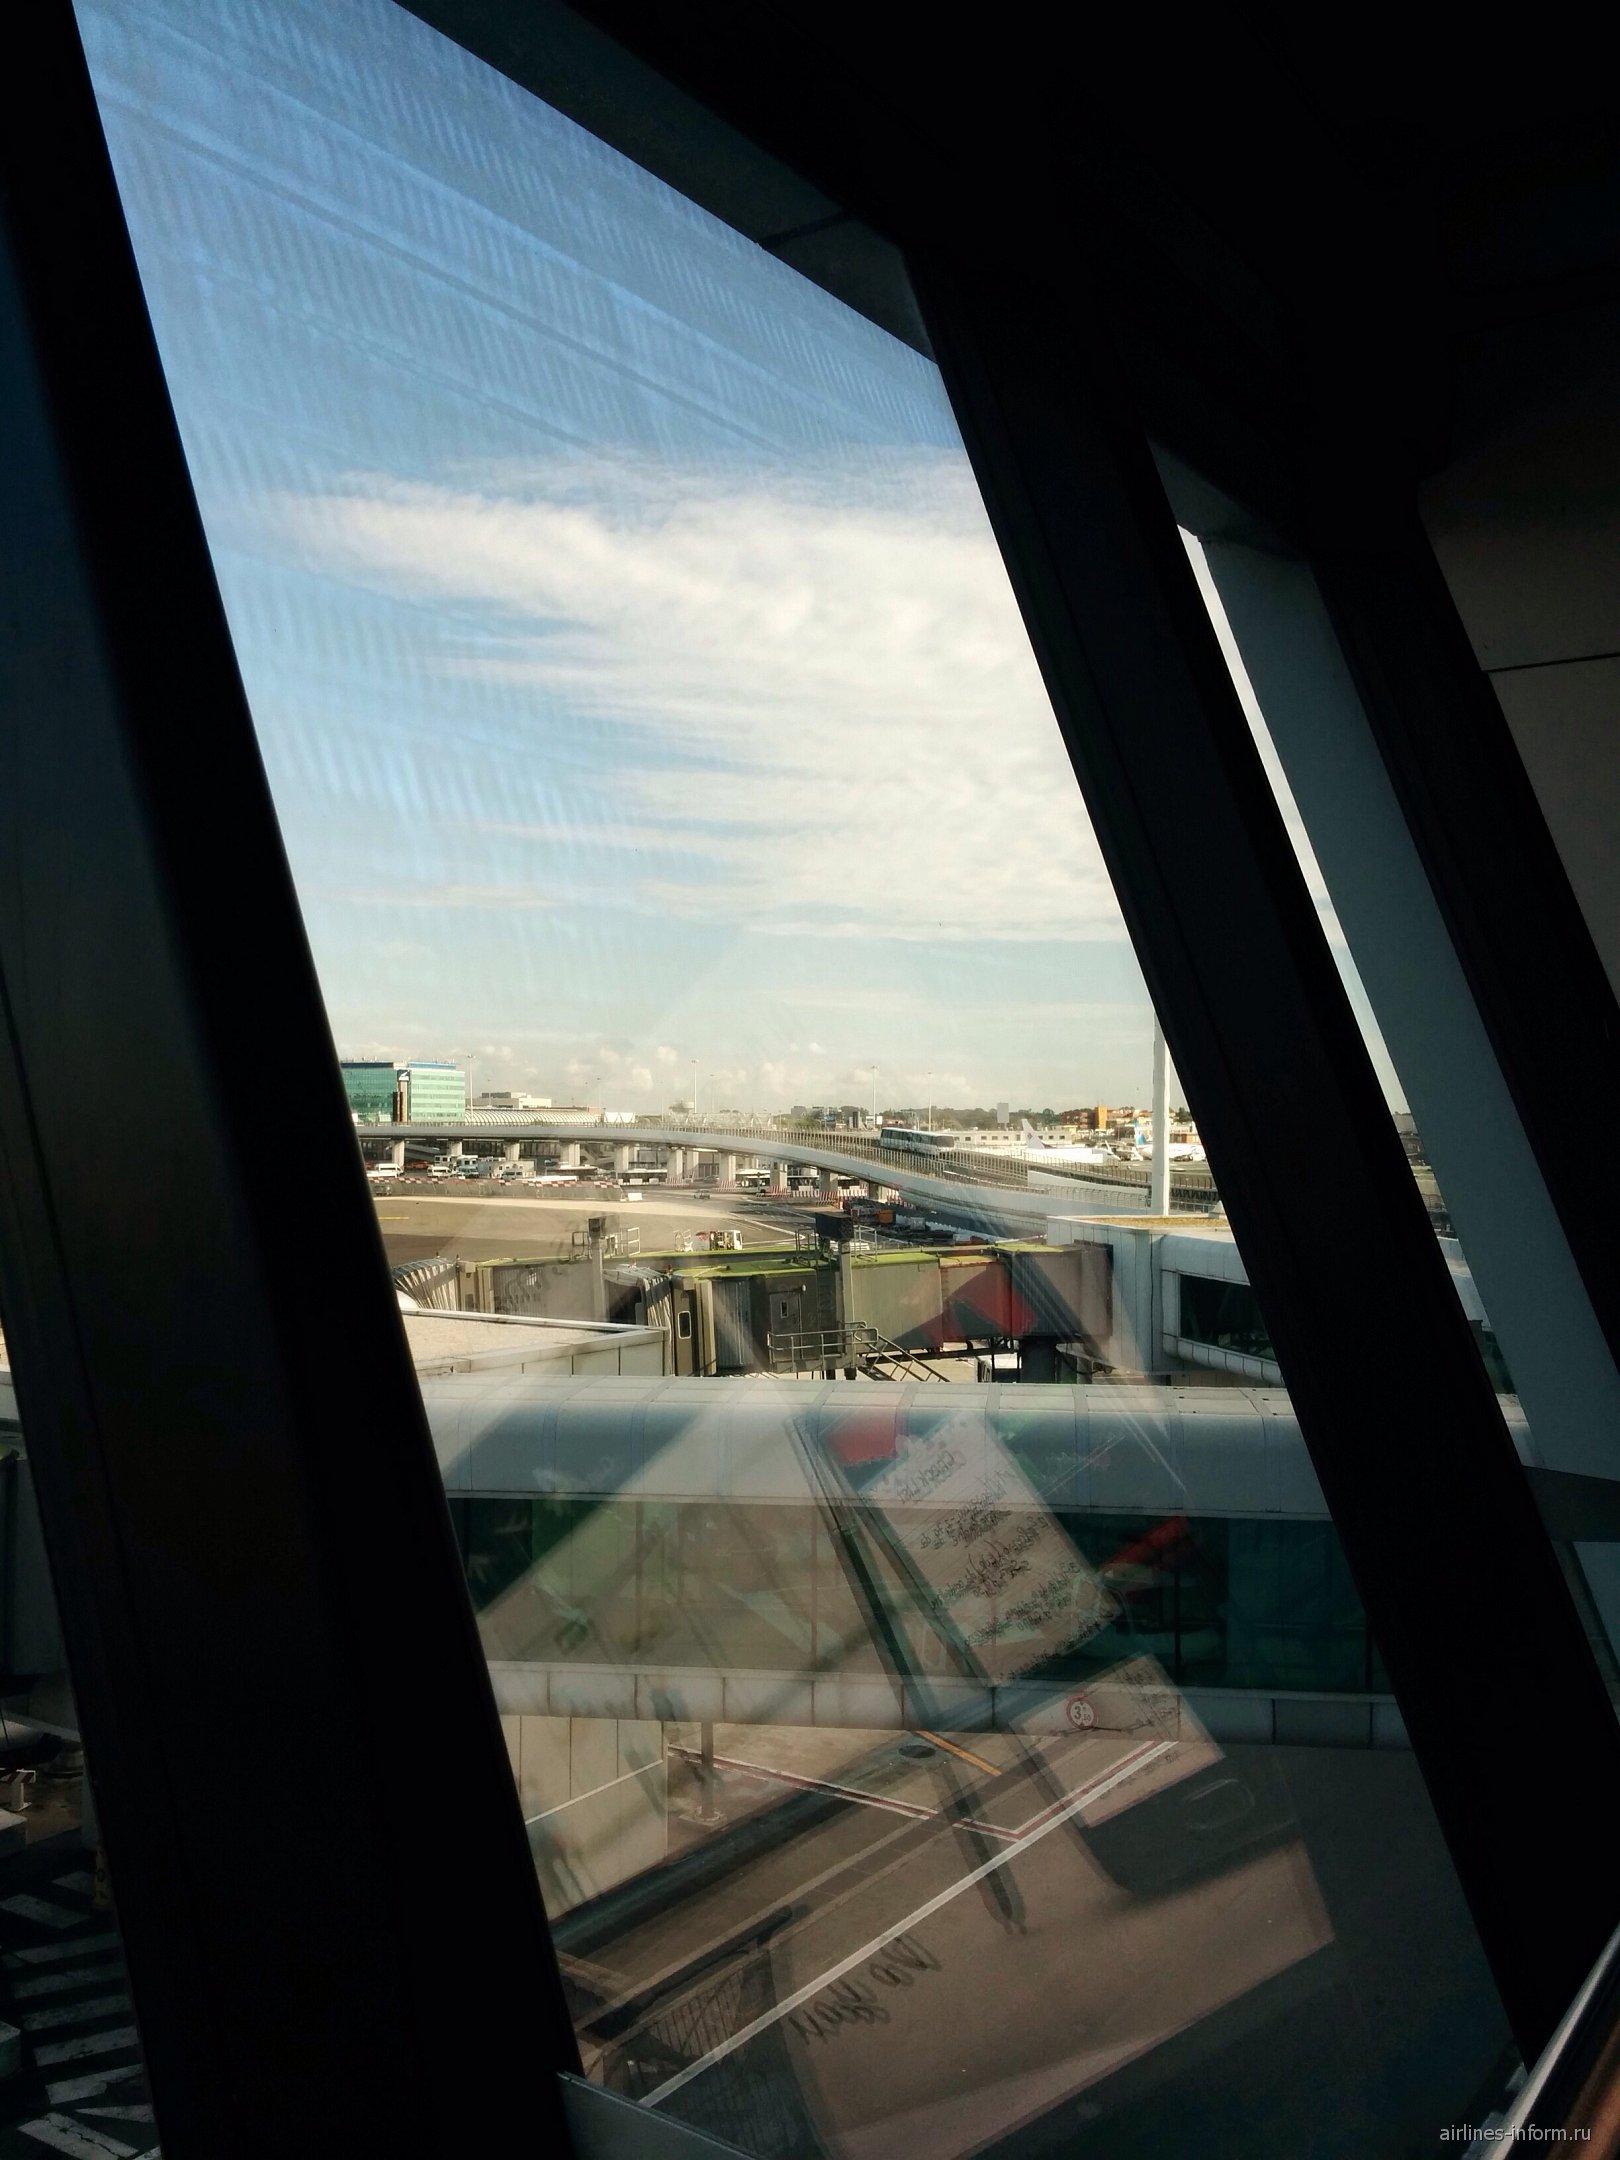 От терминала до терминала везет поезд.